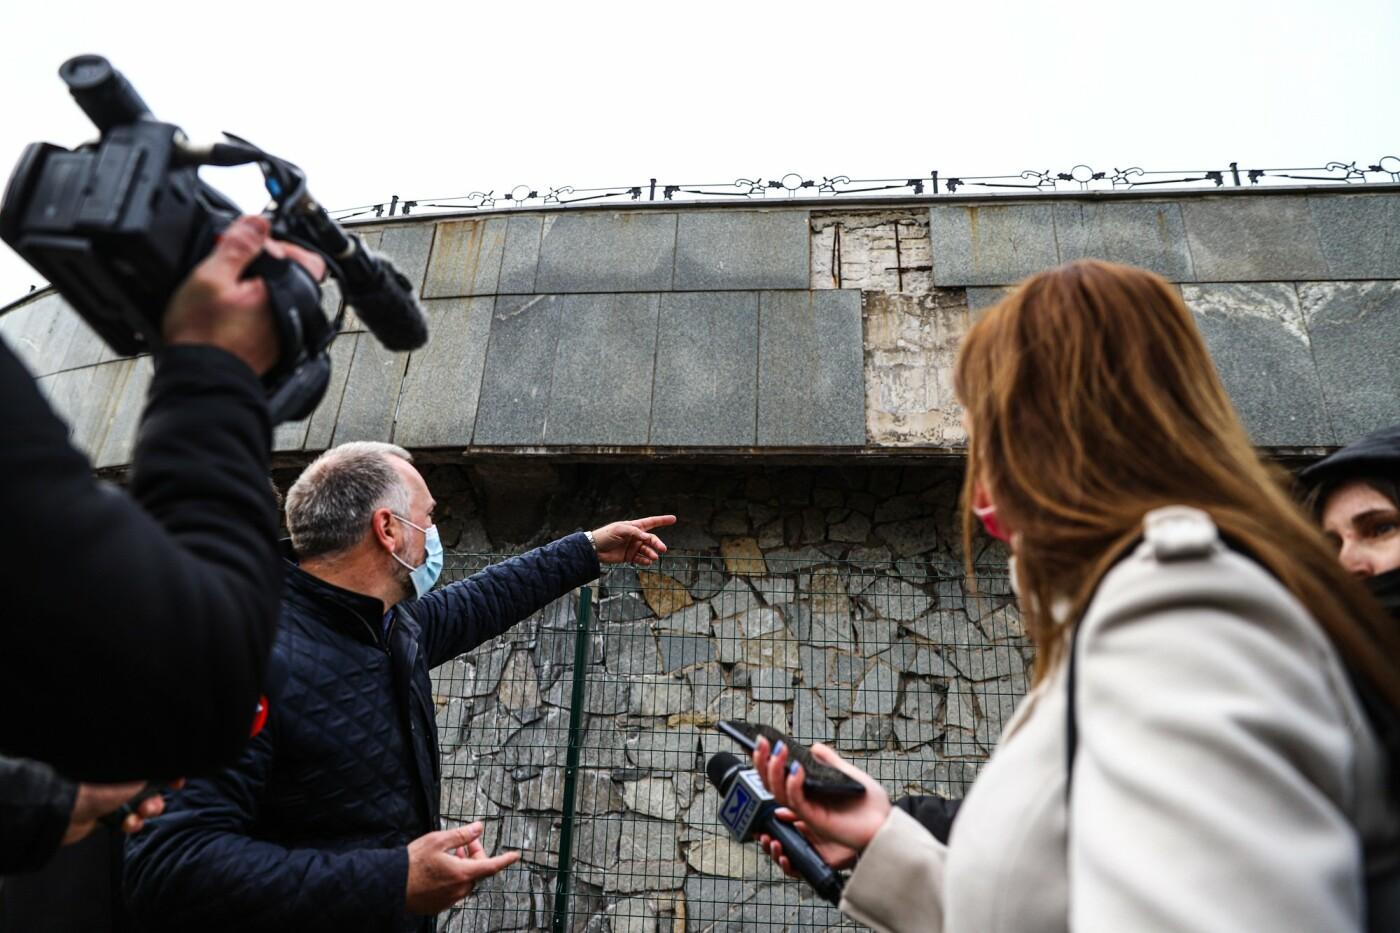 Музей истории запорожского казачества в ожидании реконструкции: как сейчас выглядит аварийное здание, - ФОТОРЕПОРТАЖ, фото-24